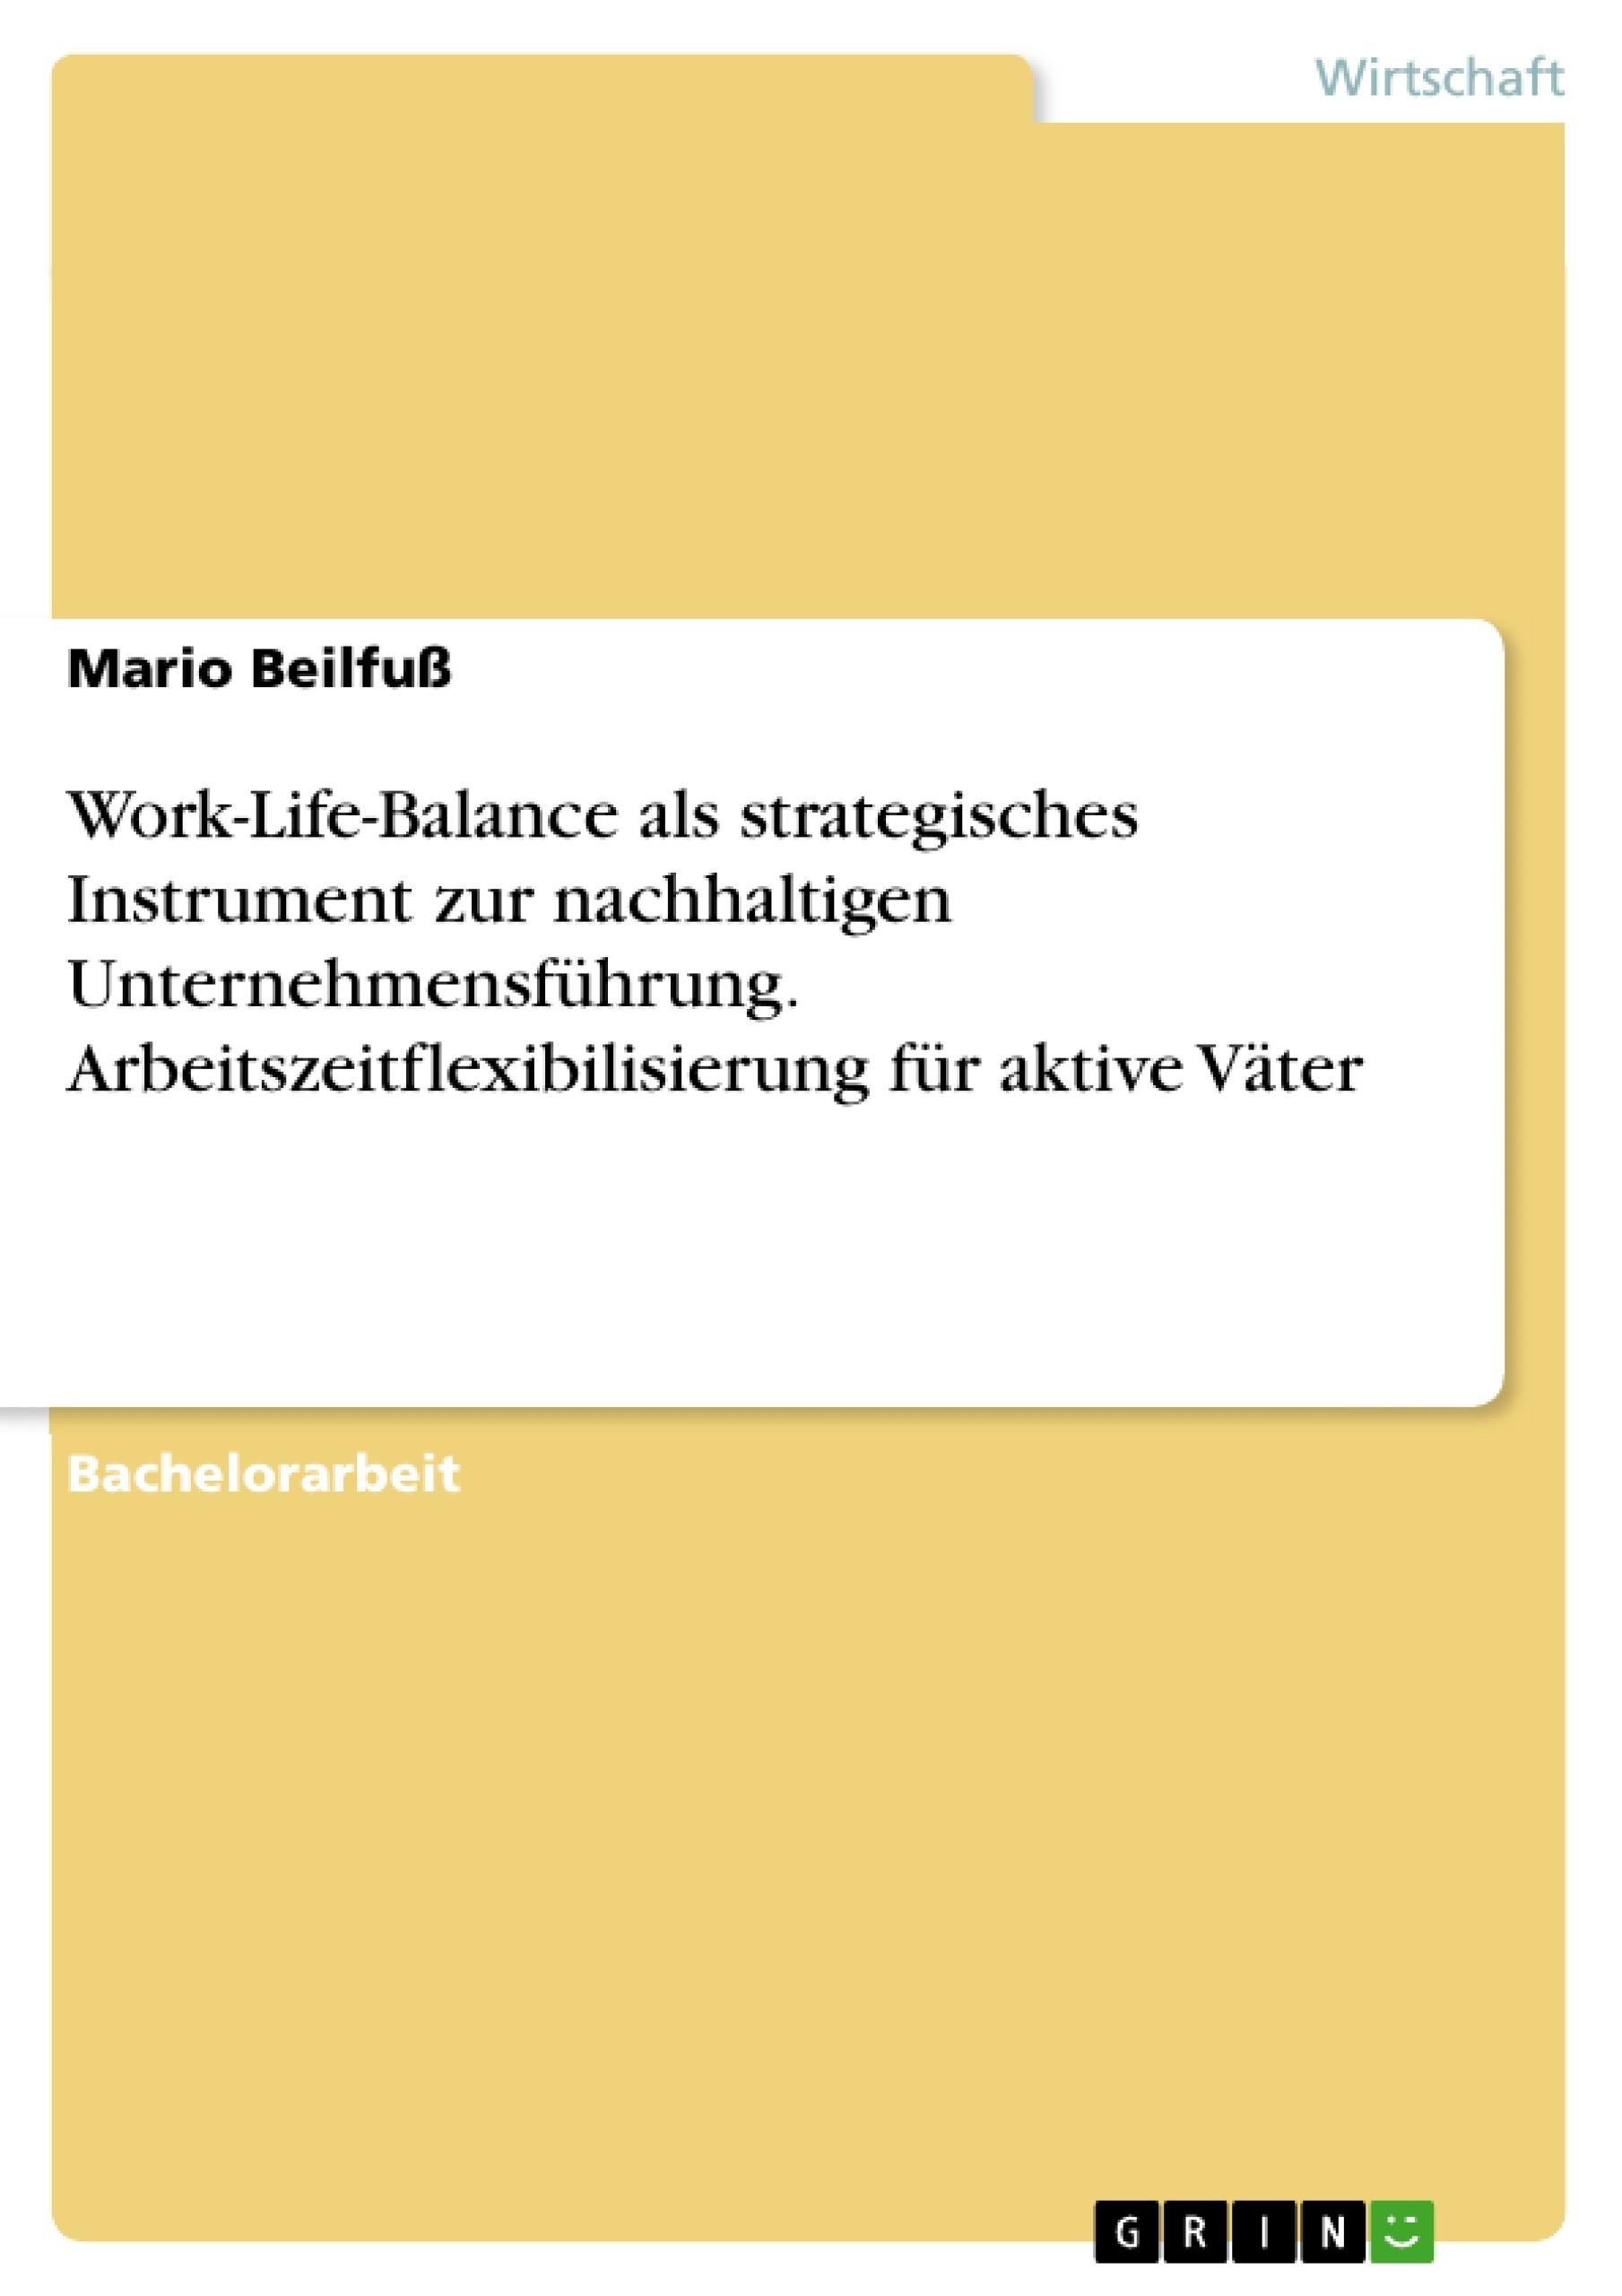 Titel: Work-Life-Balance als strategisches Instrument zur nachhaltigen Unternehmensführung. Arbeitszeitflexibilisierung für aktive Väter